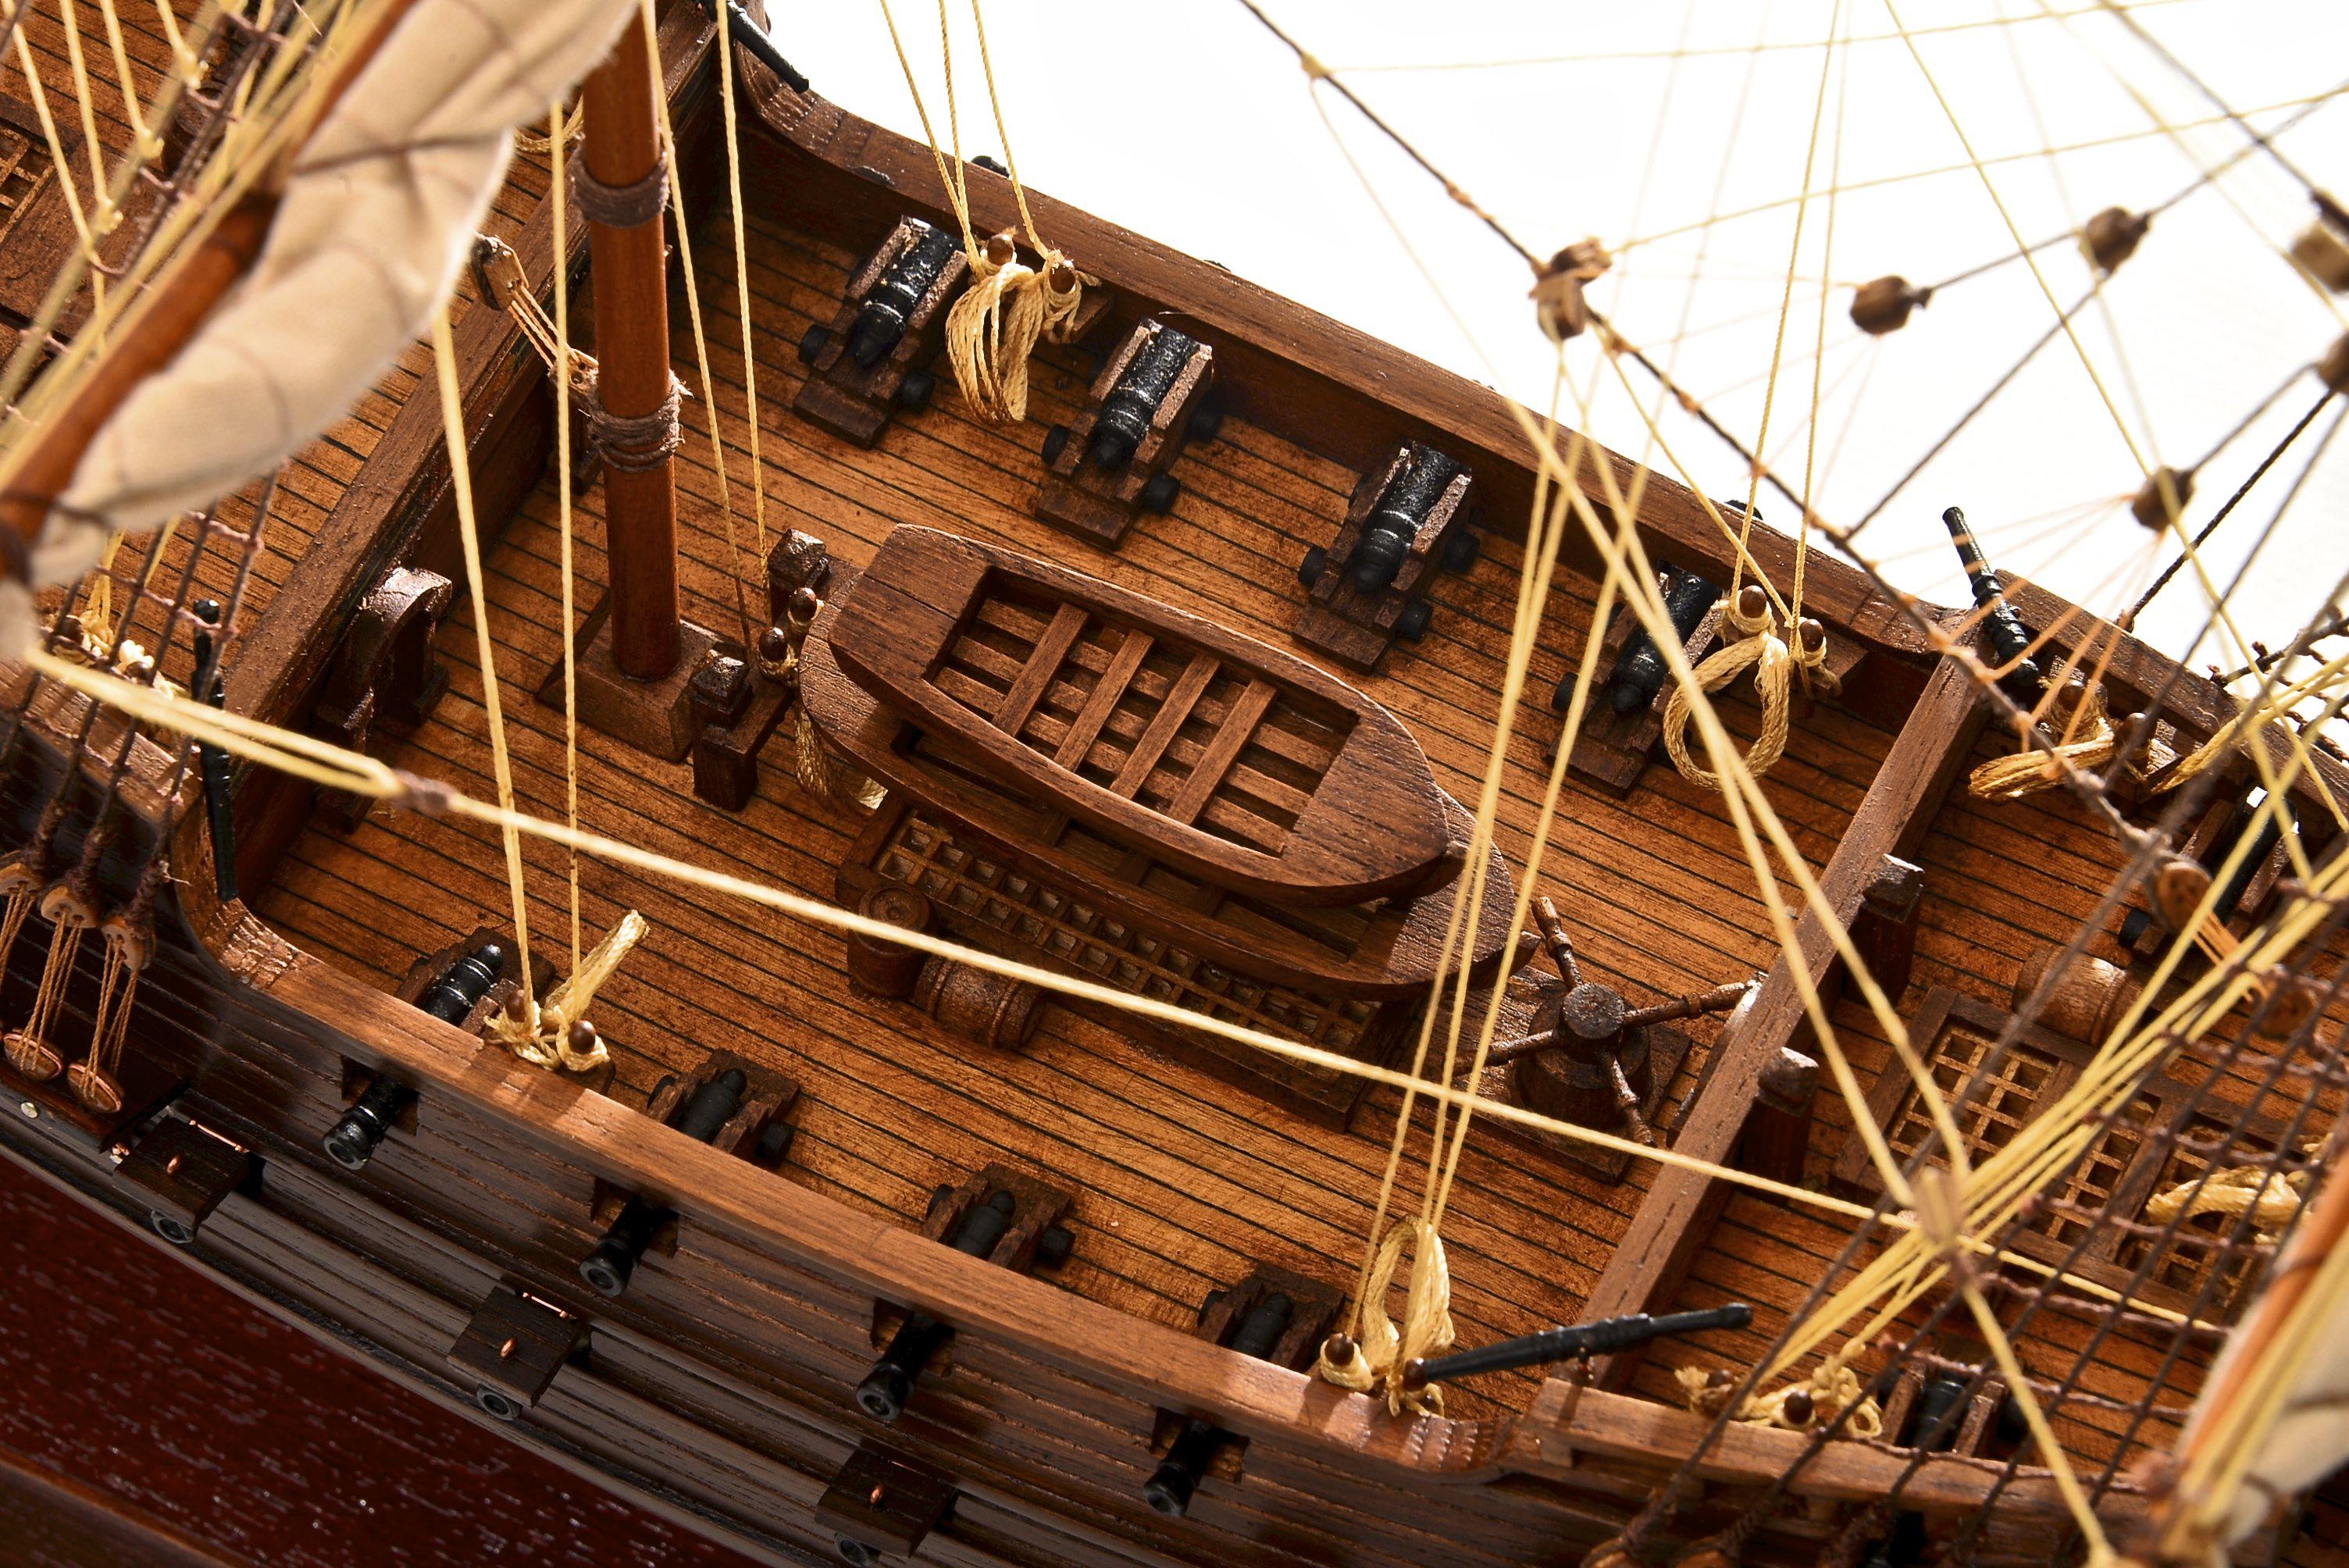 1803-10780-Hms-Revenge-Model-Ship